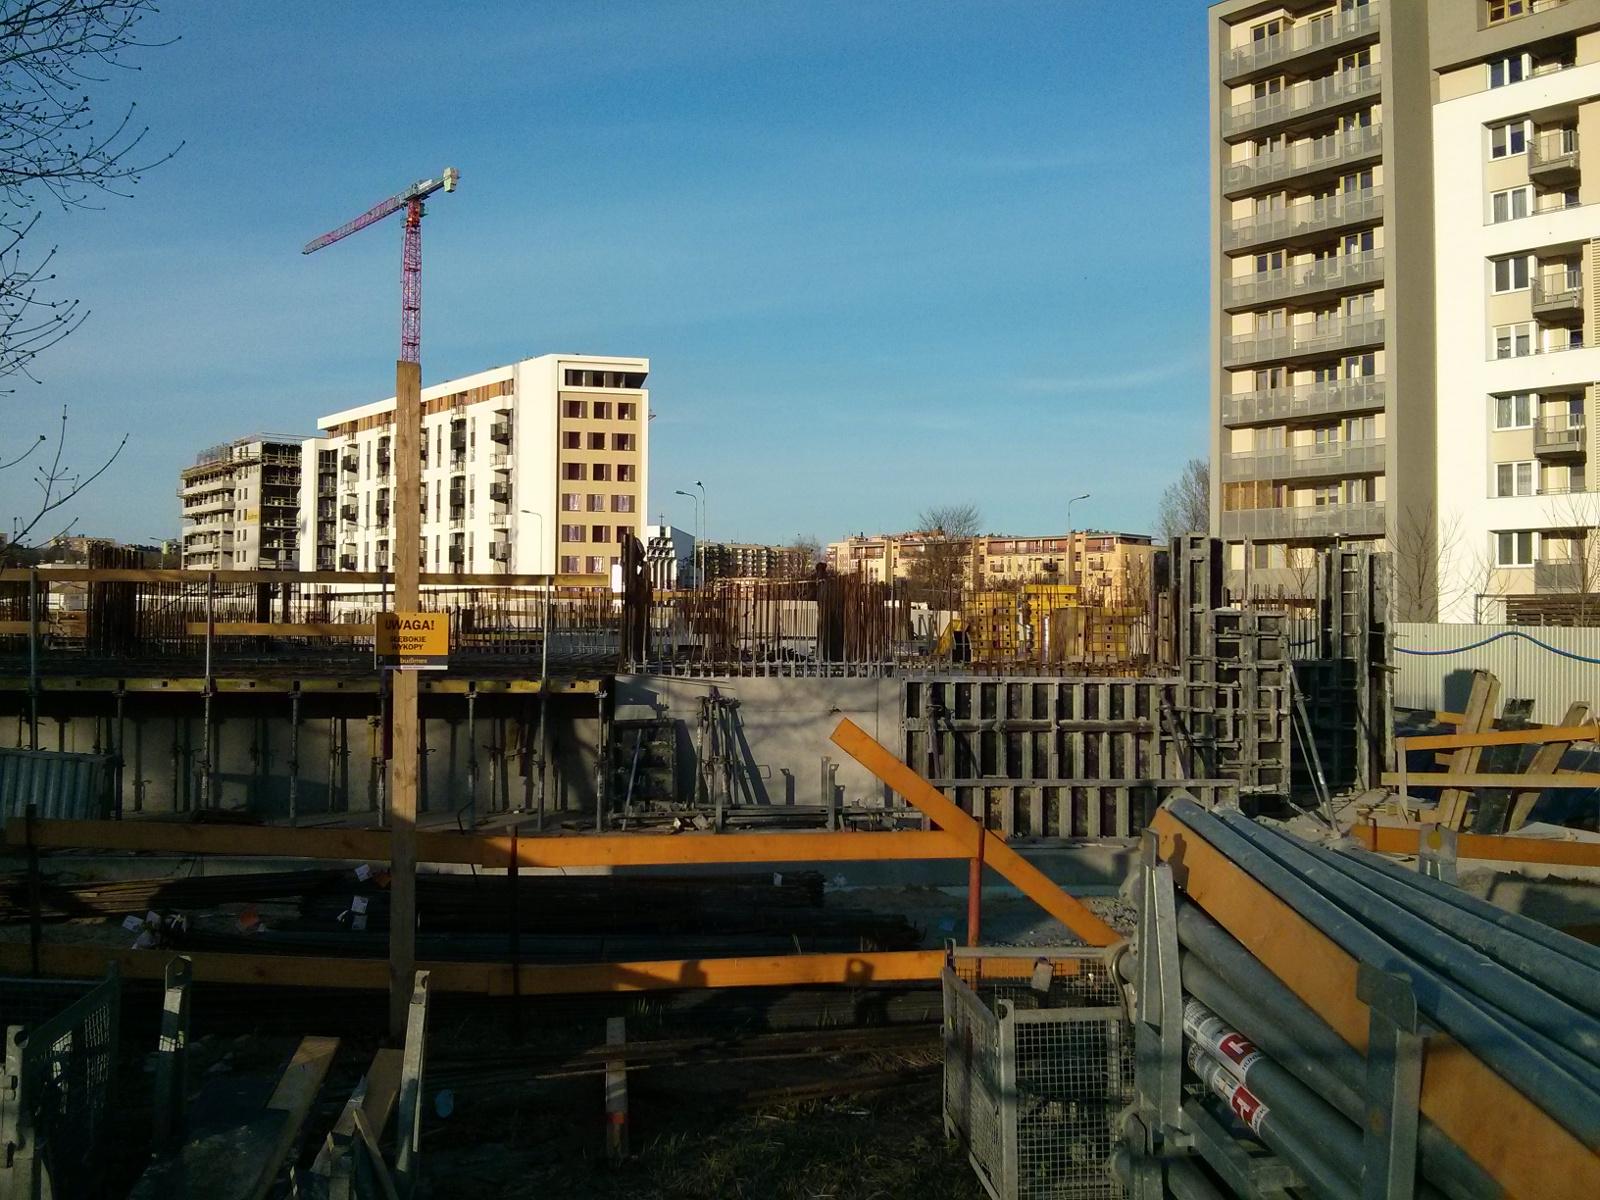 Budimex buduje tanie mieszkania na osiedlu Avia w Krakowie